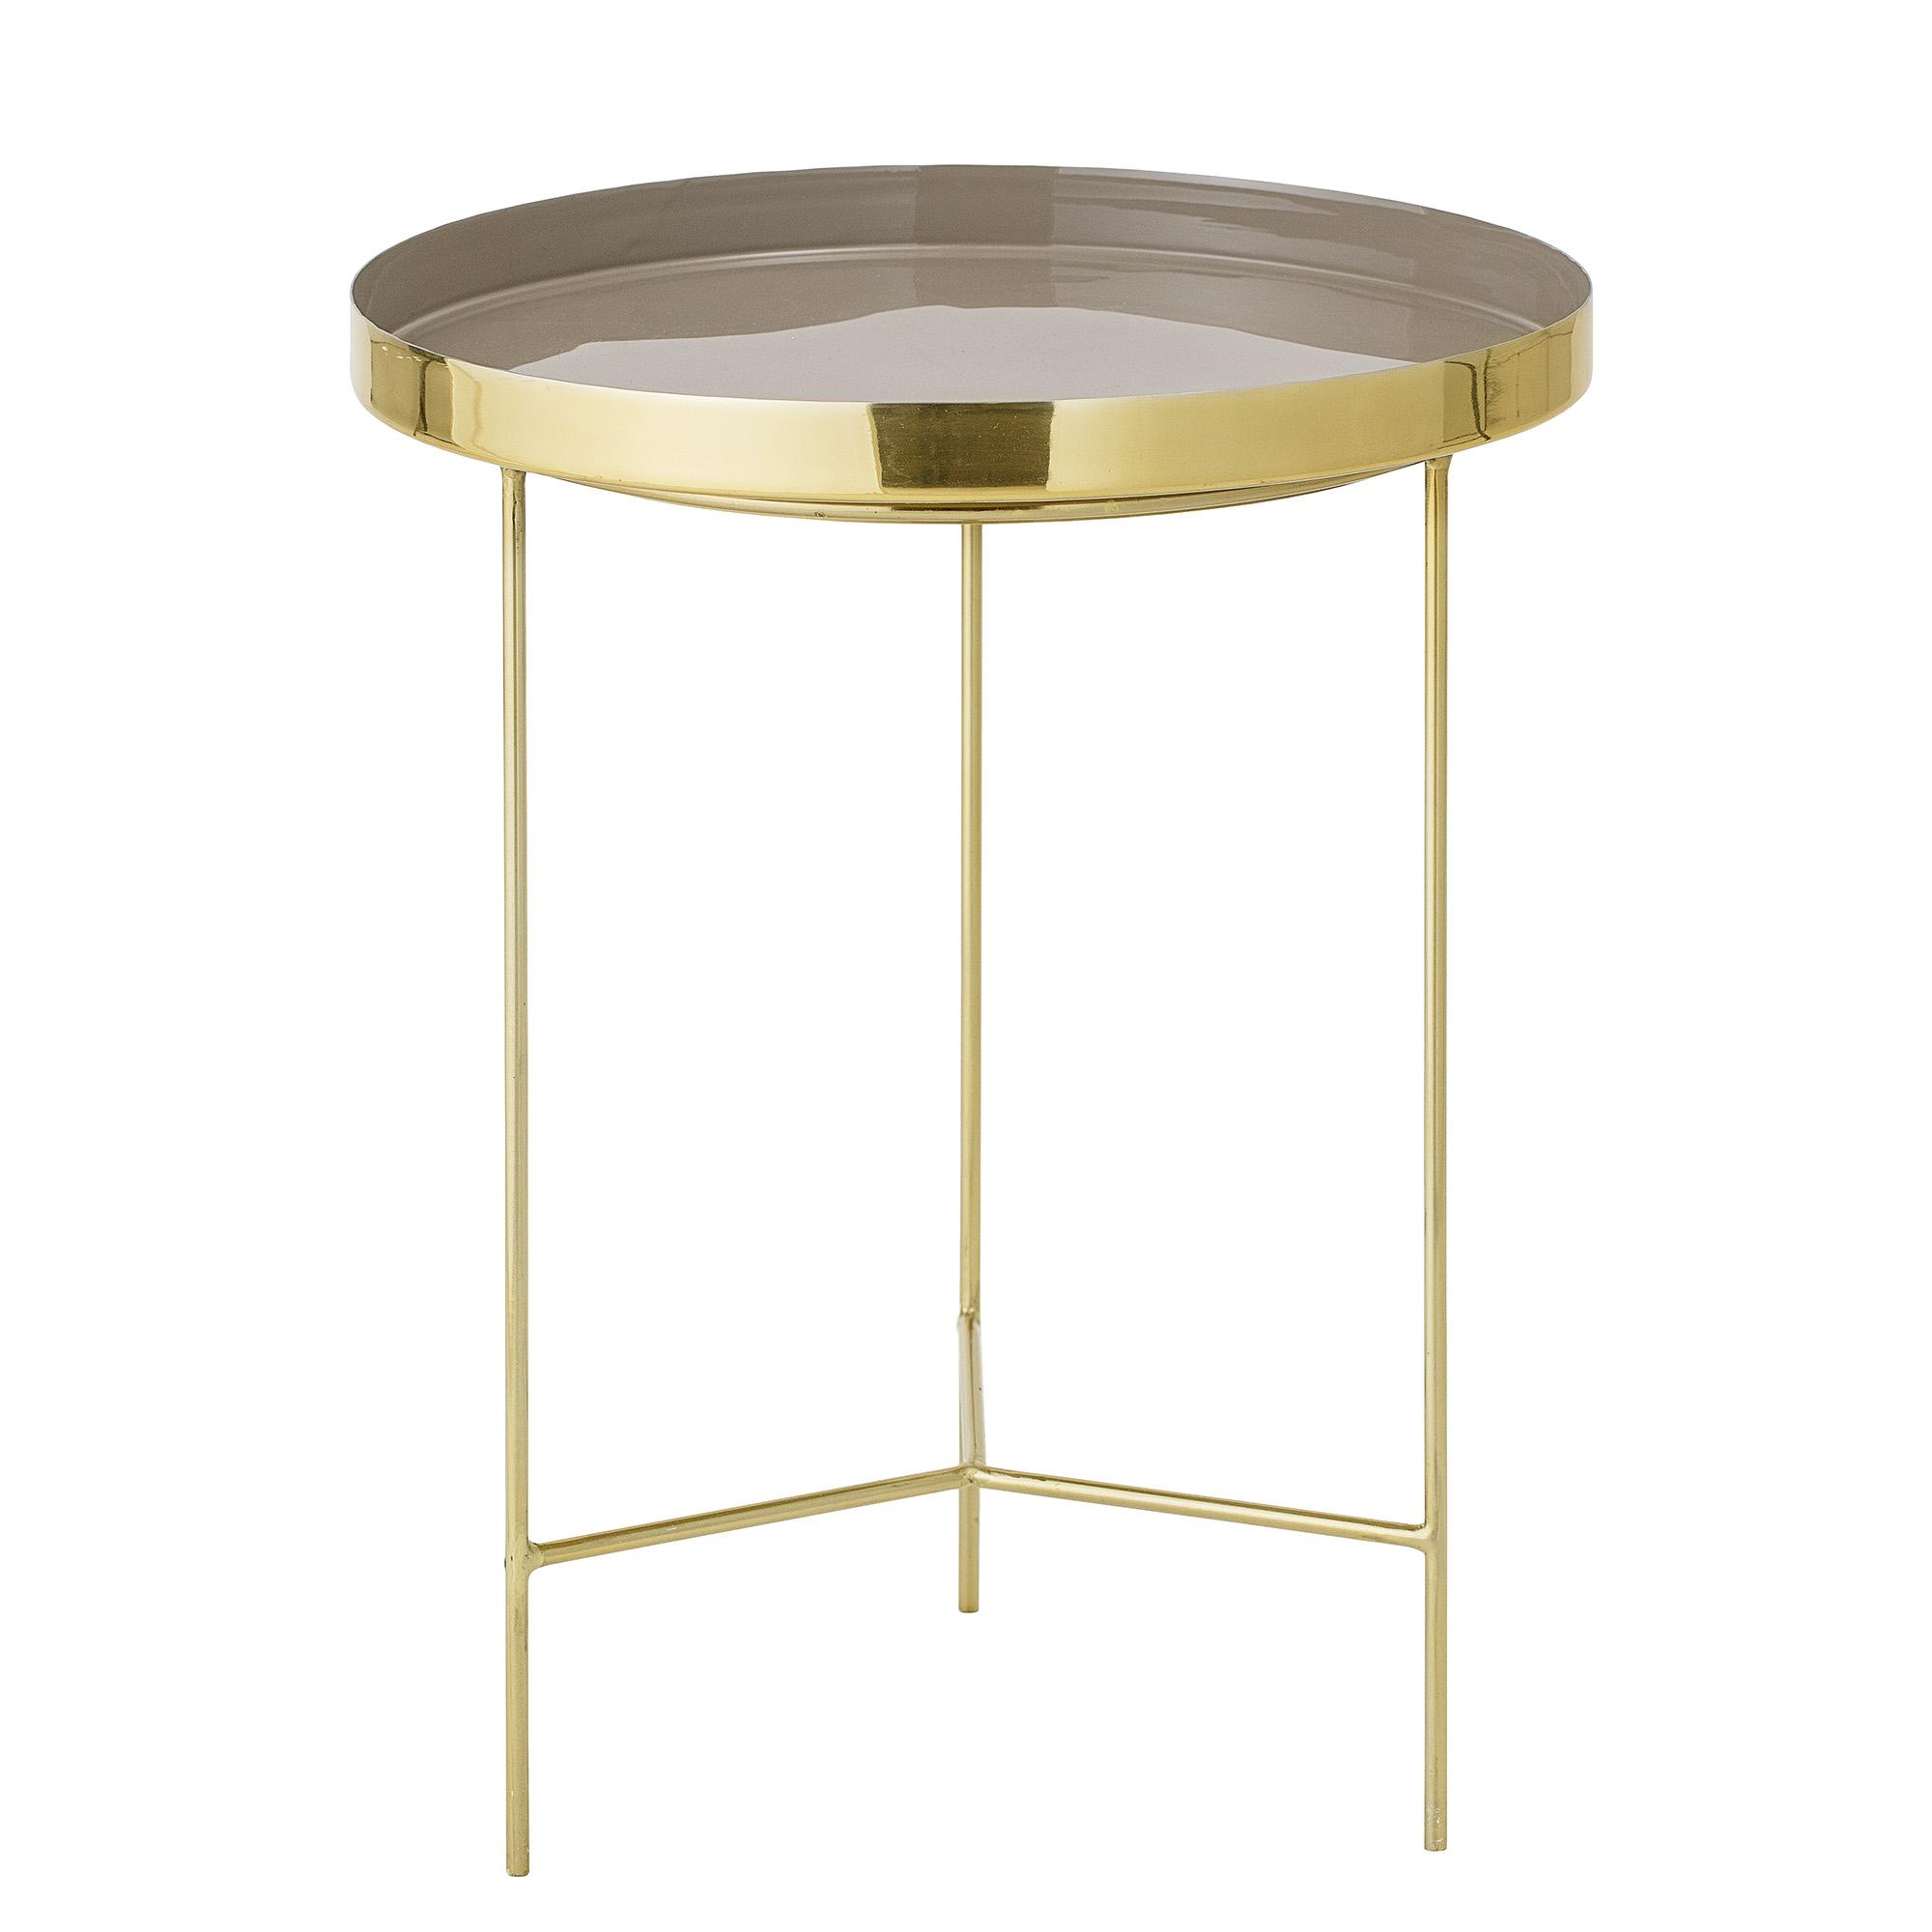 bloomingville Bloomingville sola bakkebord - brun/guld aluminium/stål, rund (ø40) fra boboonline.dk